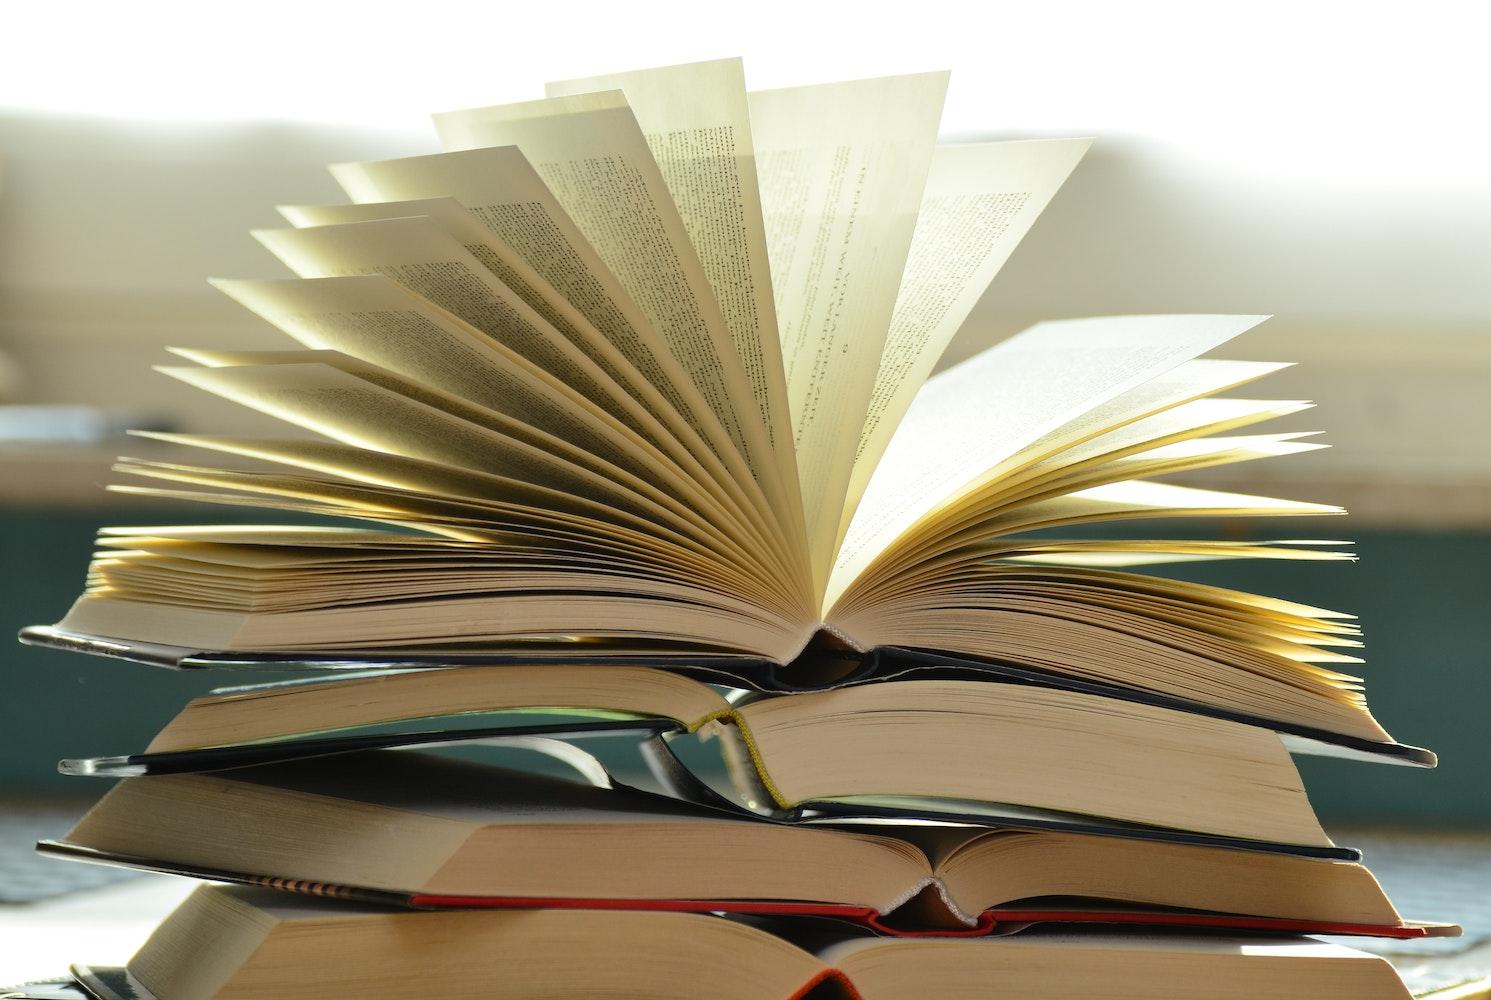 500 Beautiful Books Photos Pexels Free Stock Photos